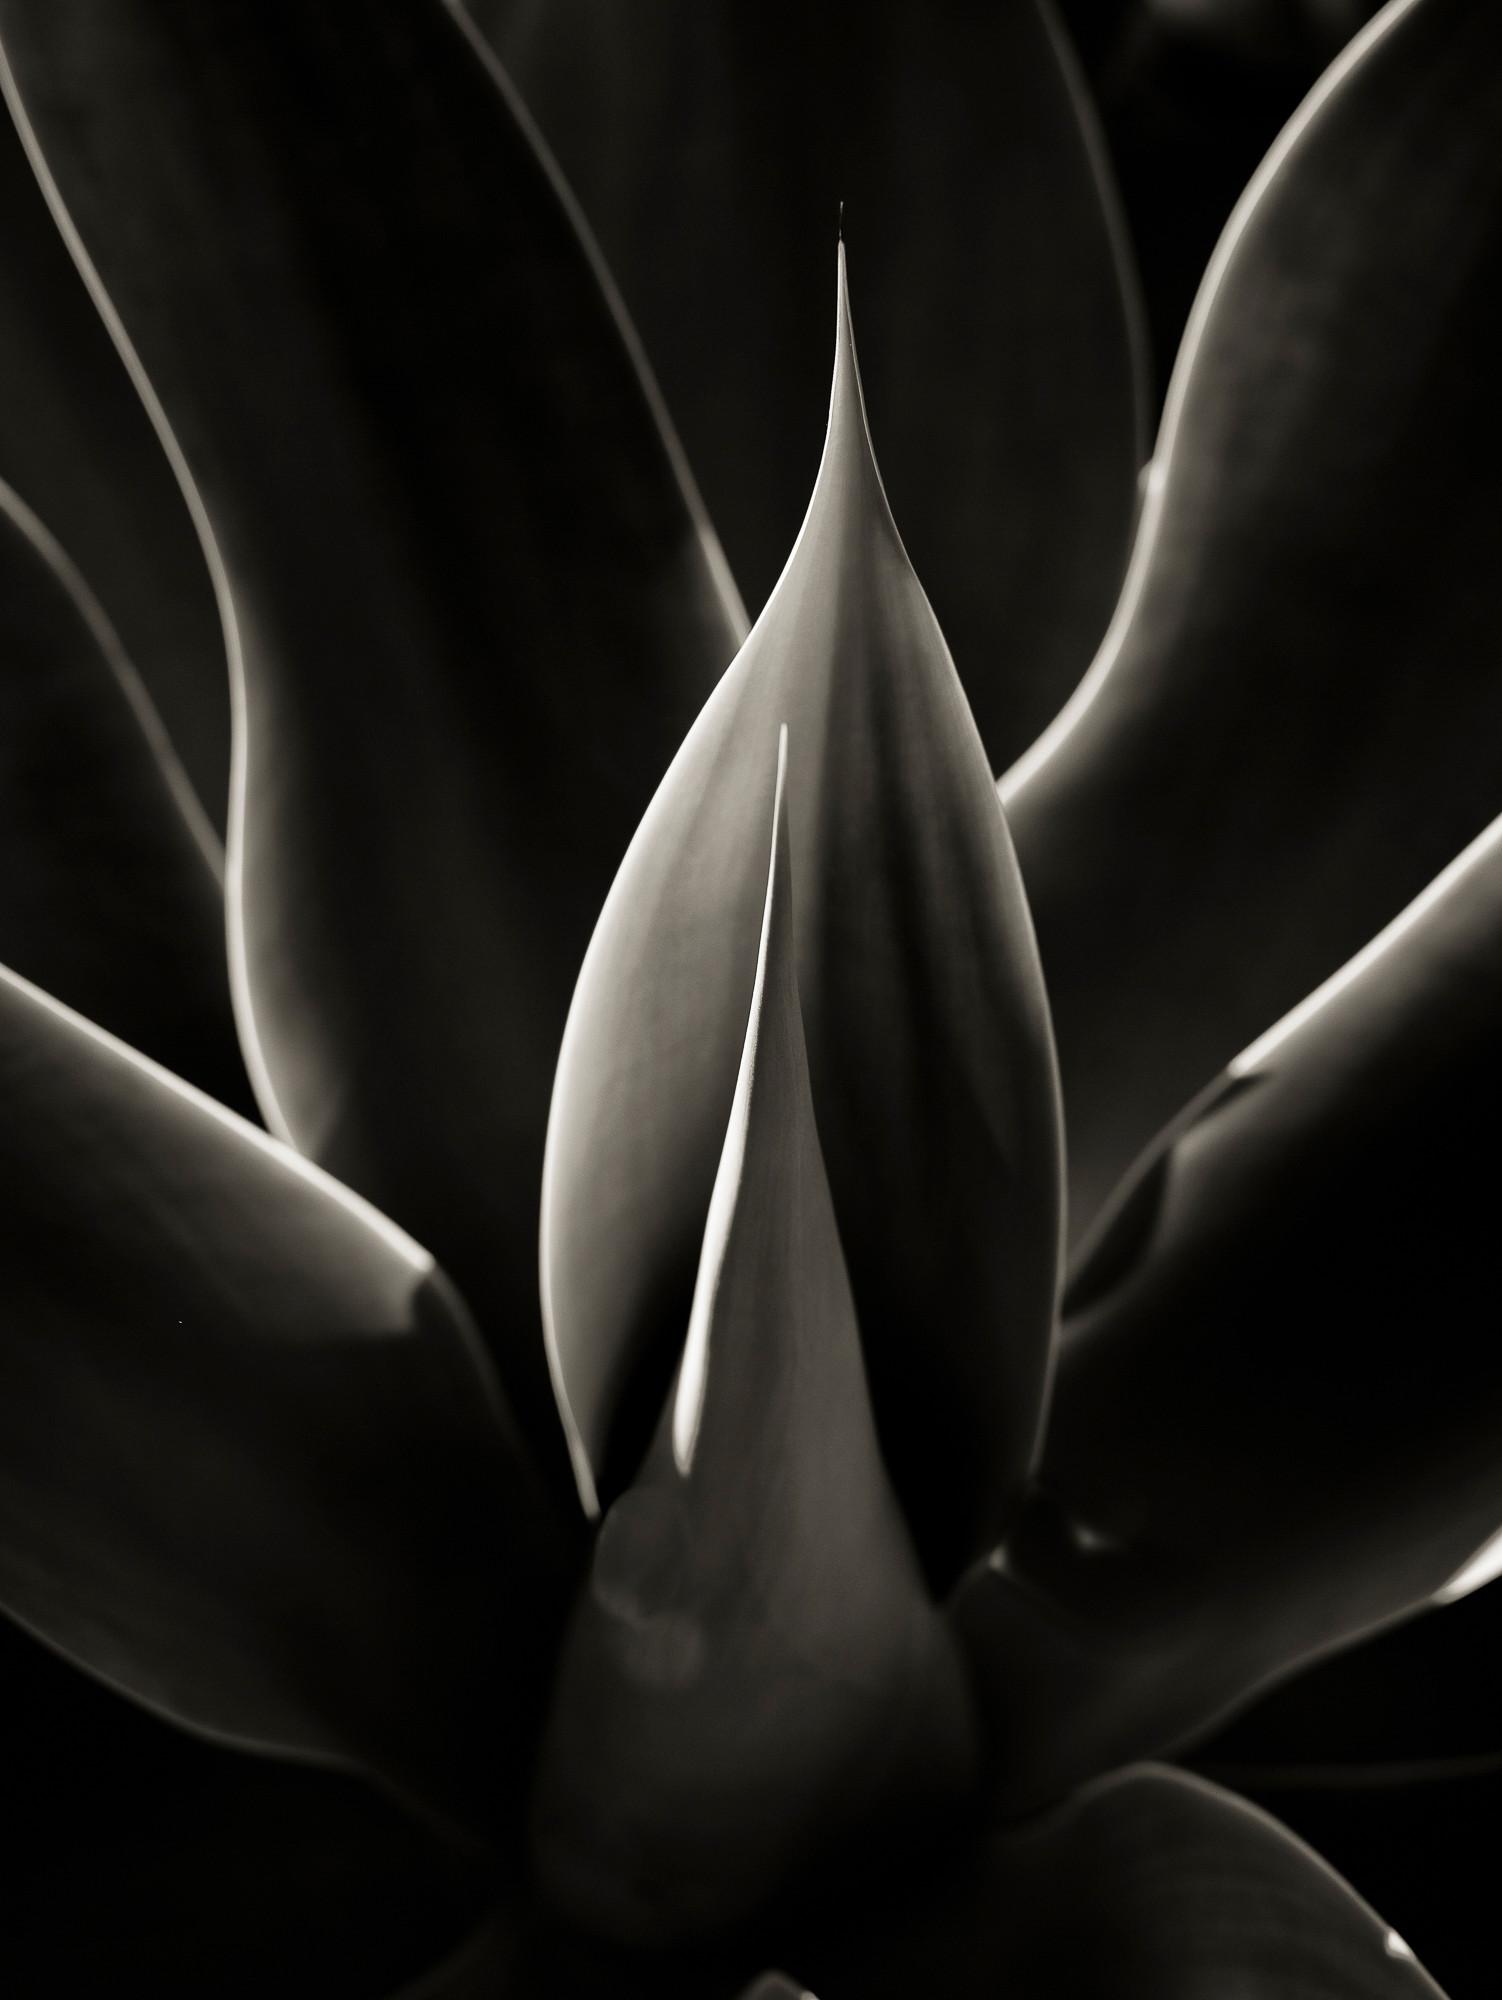 Siddho-Photography-nature-BW-16.jpg